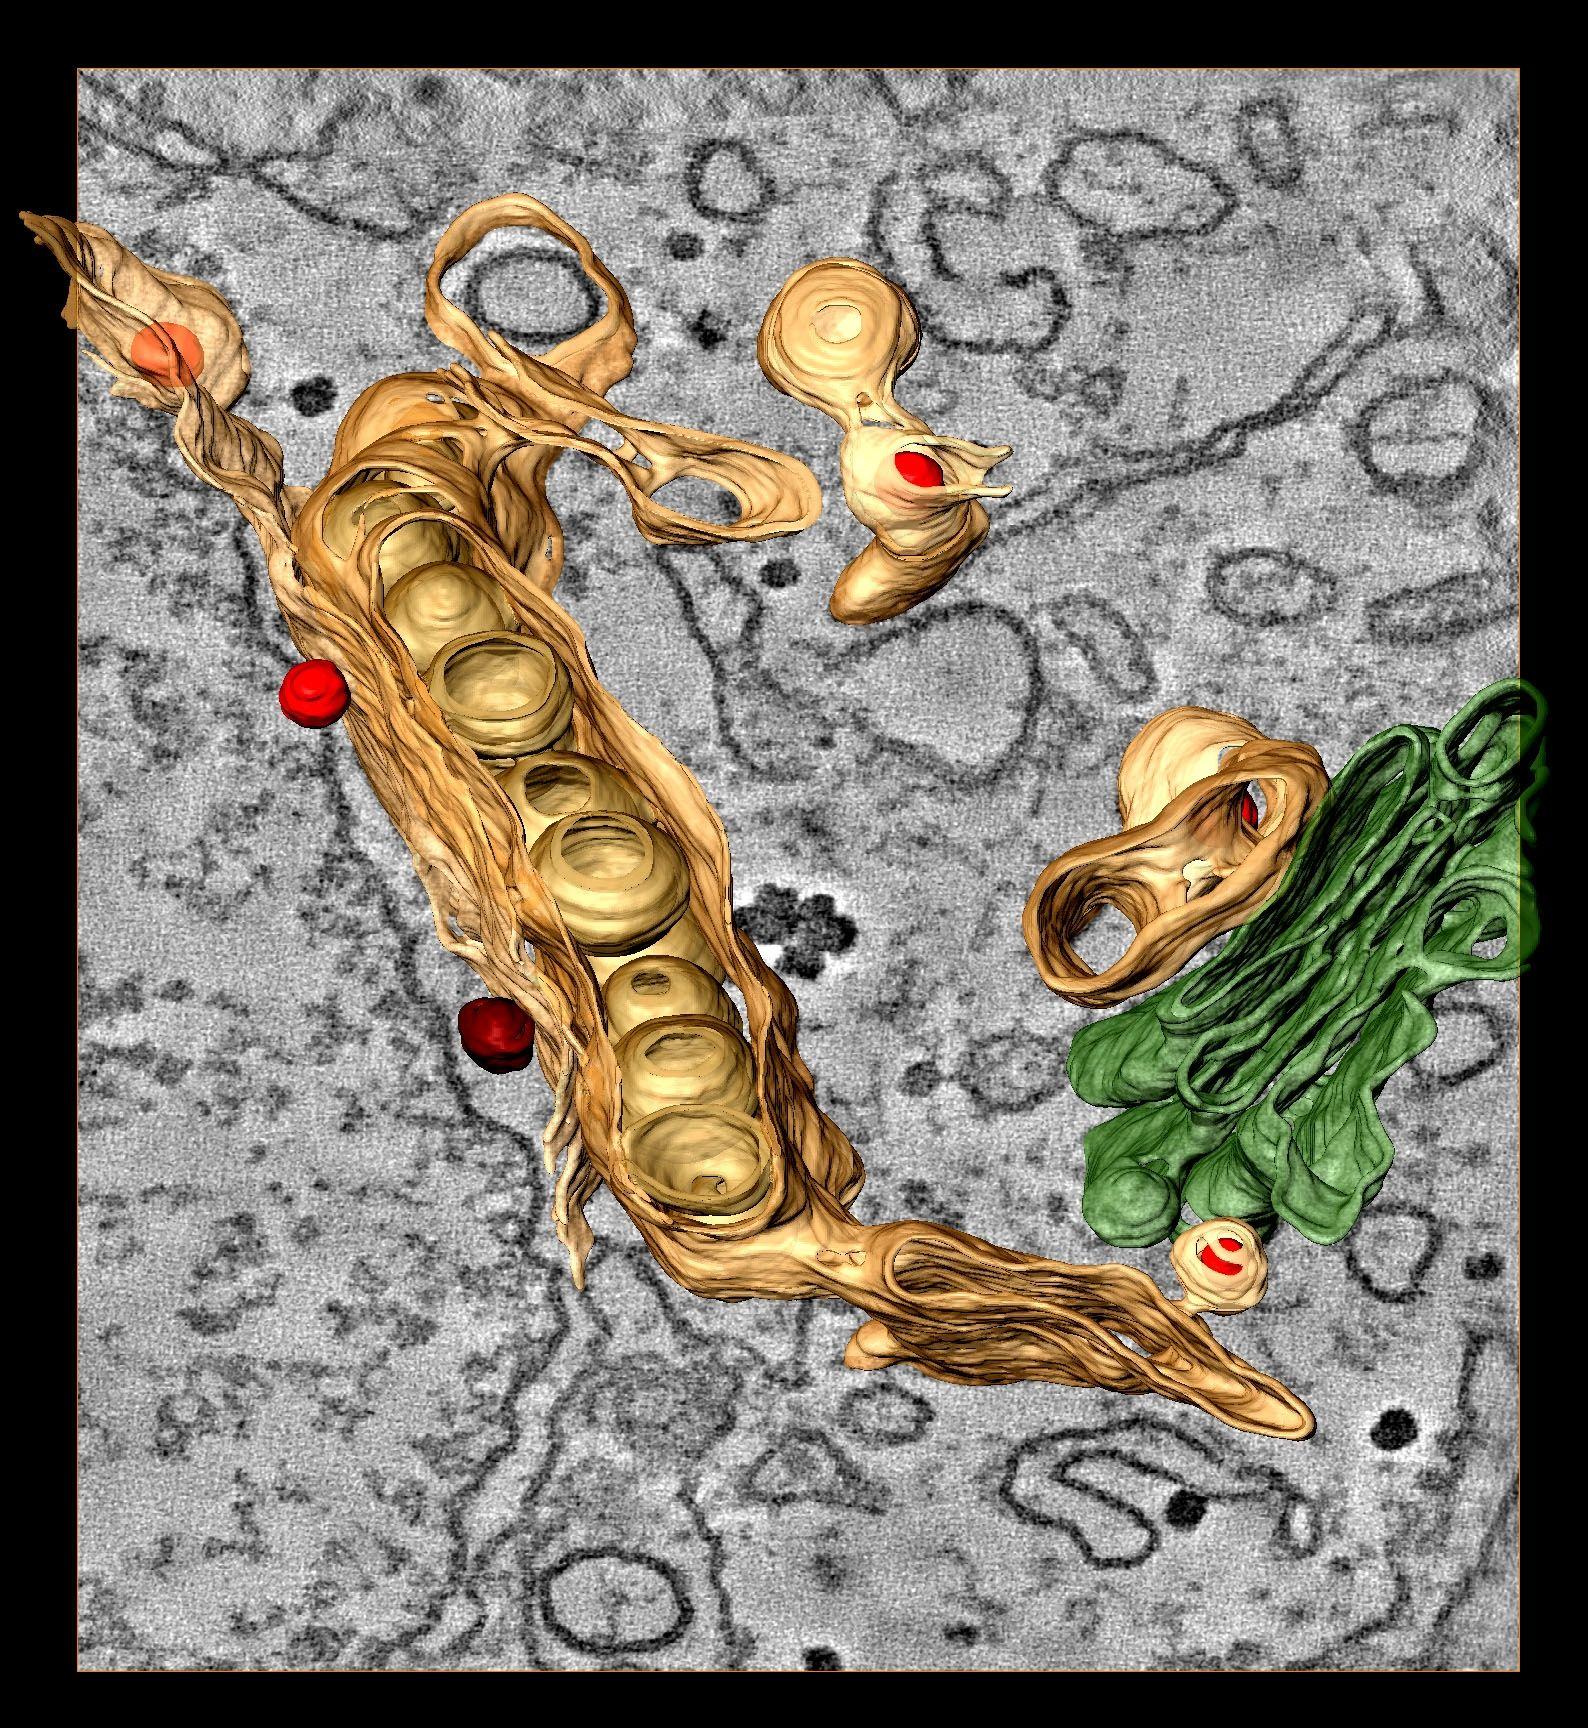 EINMALIGE VERWENDUNG Dengue Virus / Genom / WISSENSCHAFT